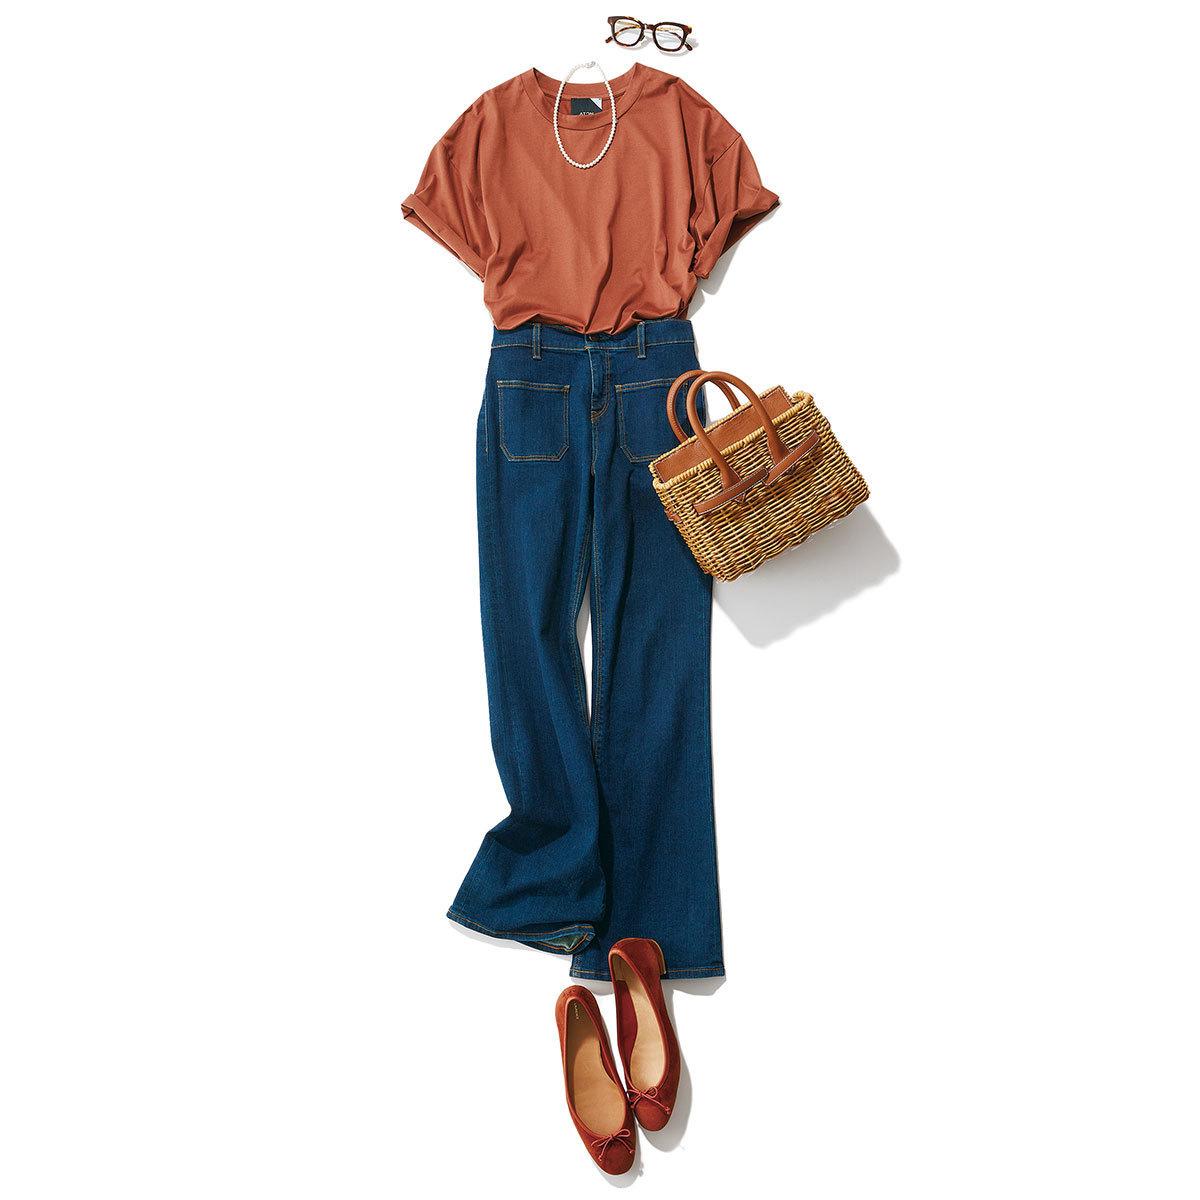 Tシャツ×デニムパンツの「スパイス ブラウン」コーデ